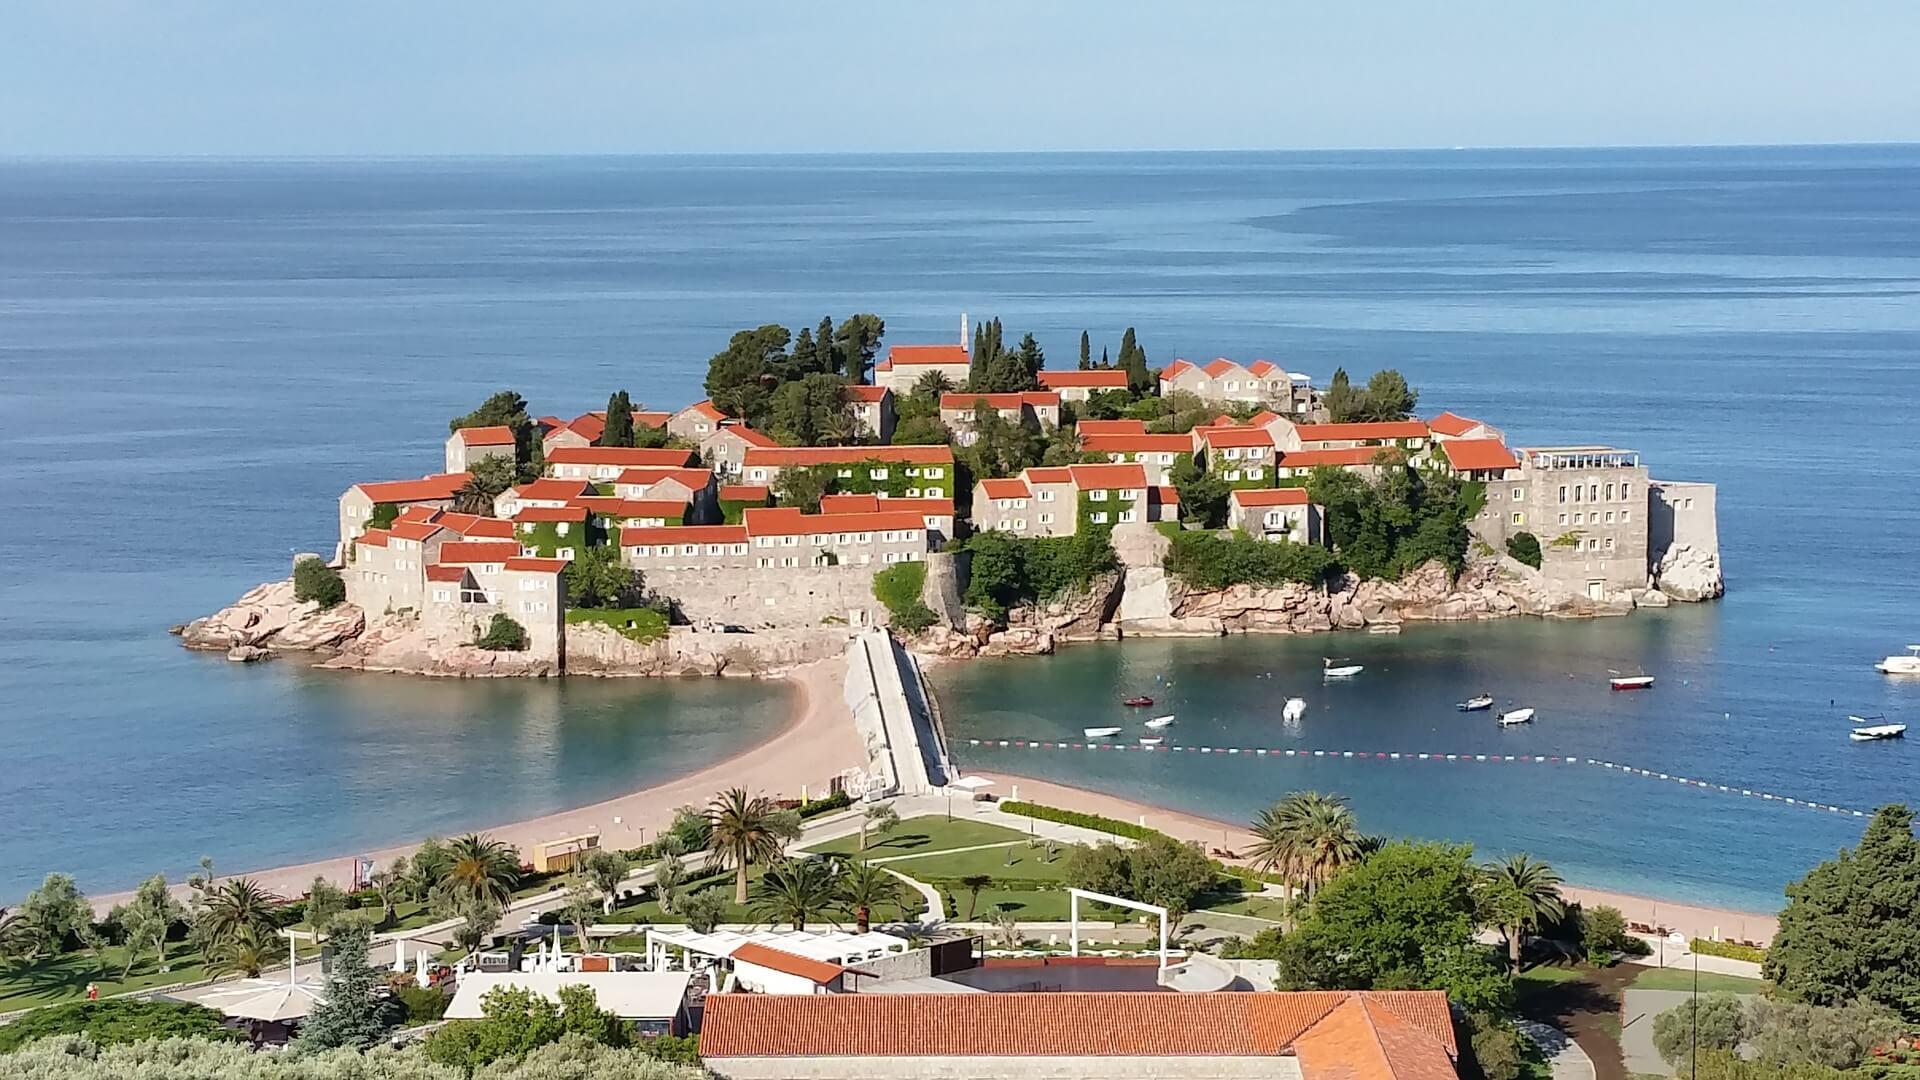 Urlaub in Montenegro – der Geheimtipp Europas